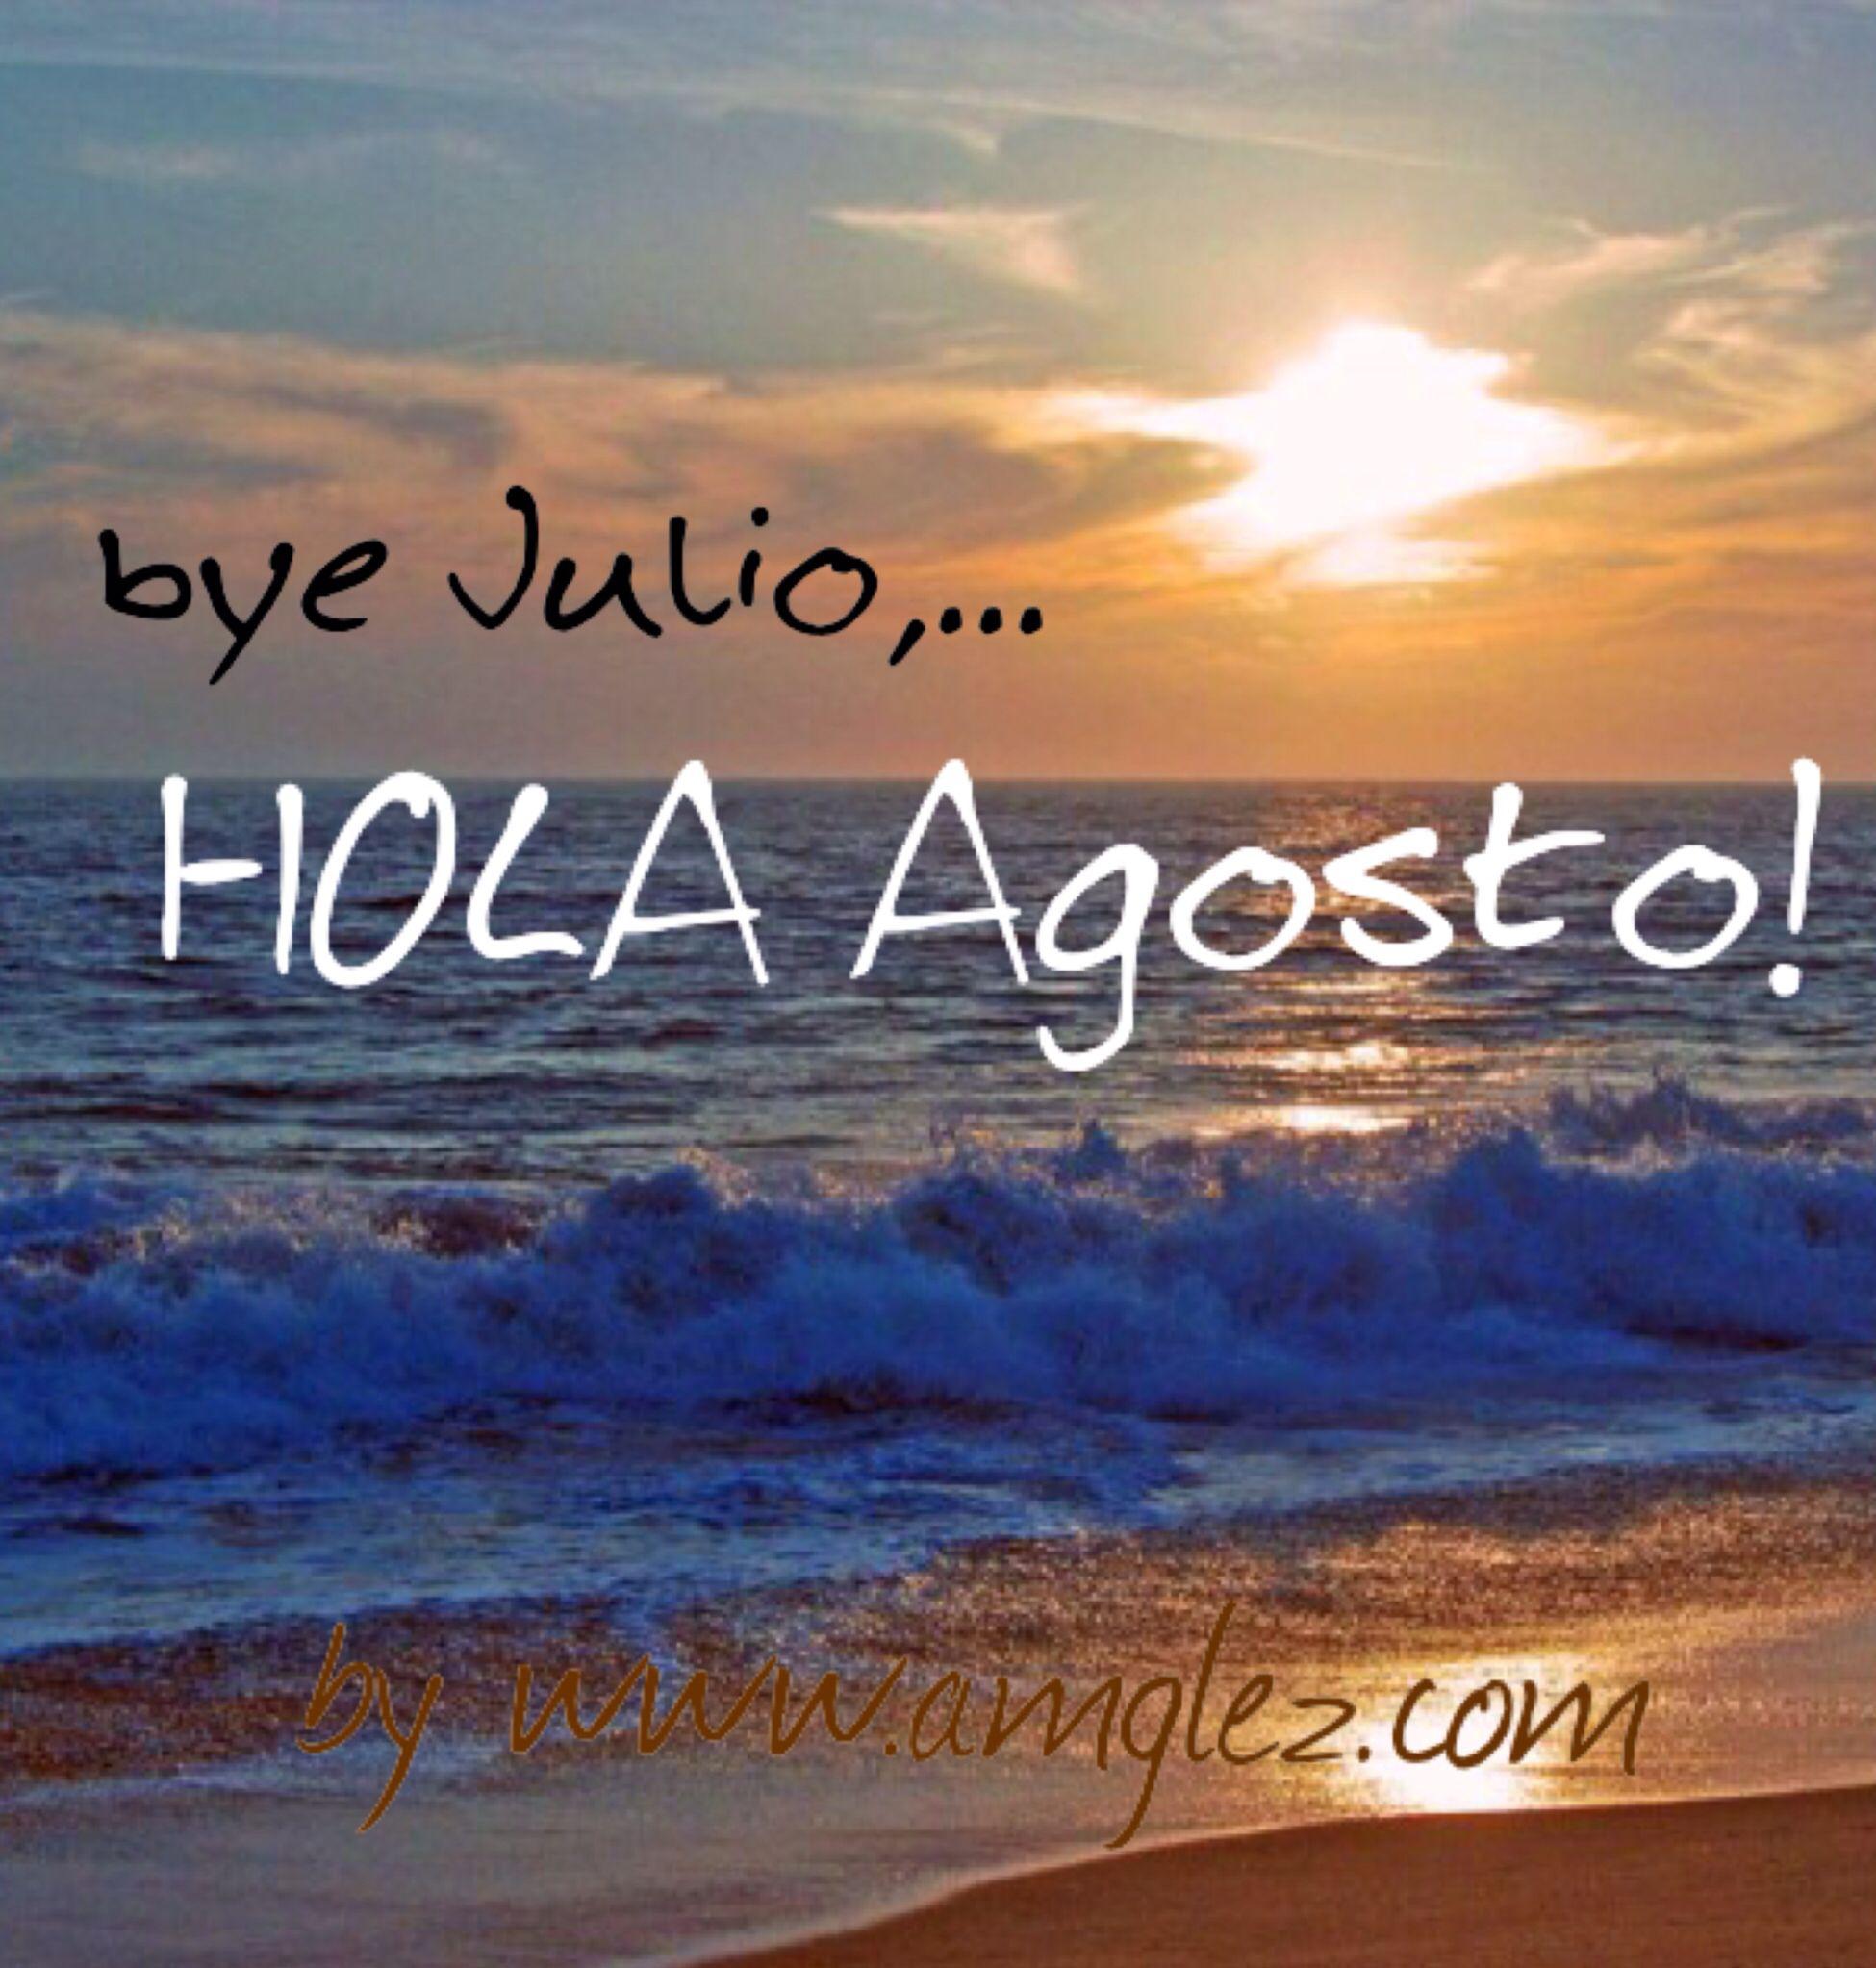 Buenos días ;) nuevo mes, nuevas metas. #BienvenidoAgosto y feliz #Viernes Sígueme en mi #blog www.amglez.com